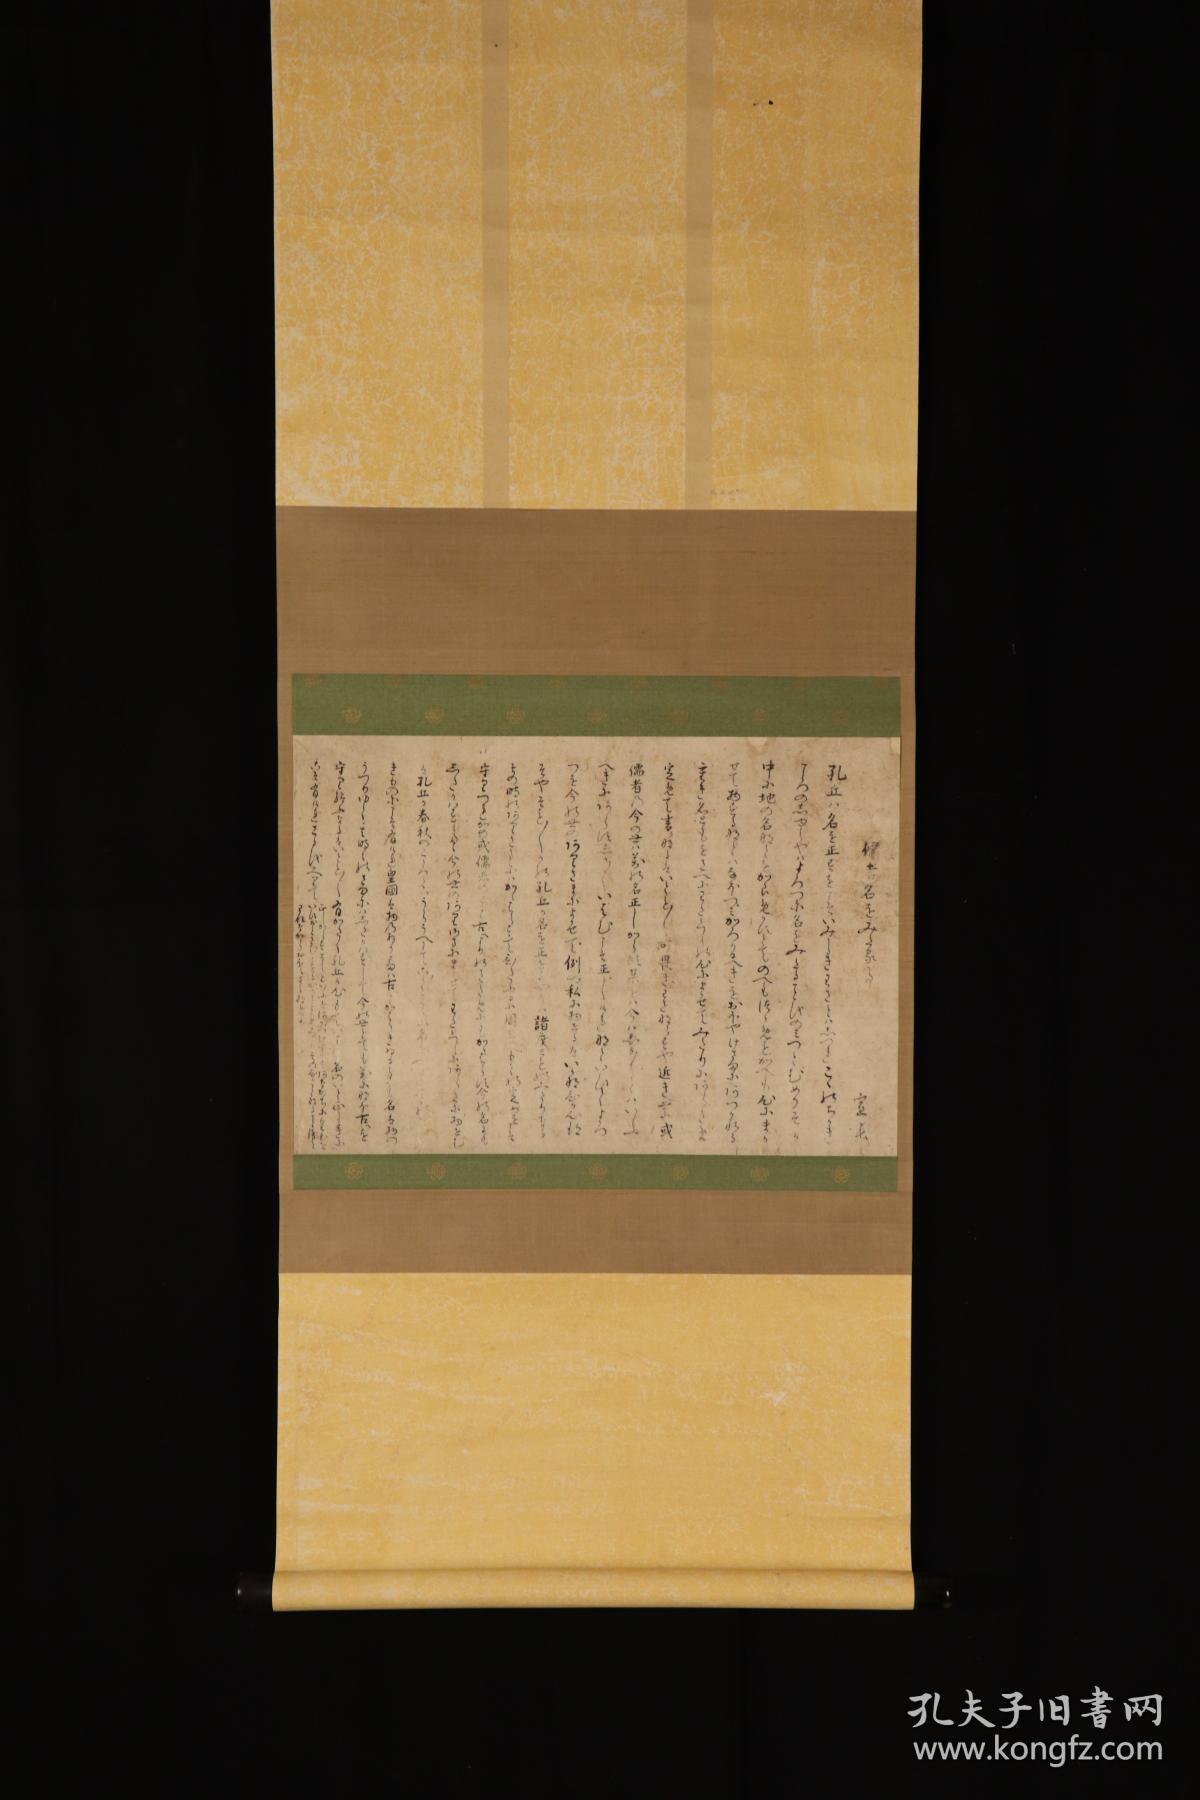 清末日本学者,号芝兰?春庵?铃屋。与荷田春满、贺茂真渊、平田笃胤并称国学四大人。本居宣长(1730-1801) 书法一副 日本回流字画 日本回流书画